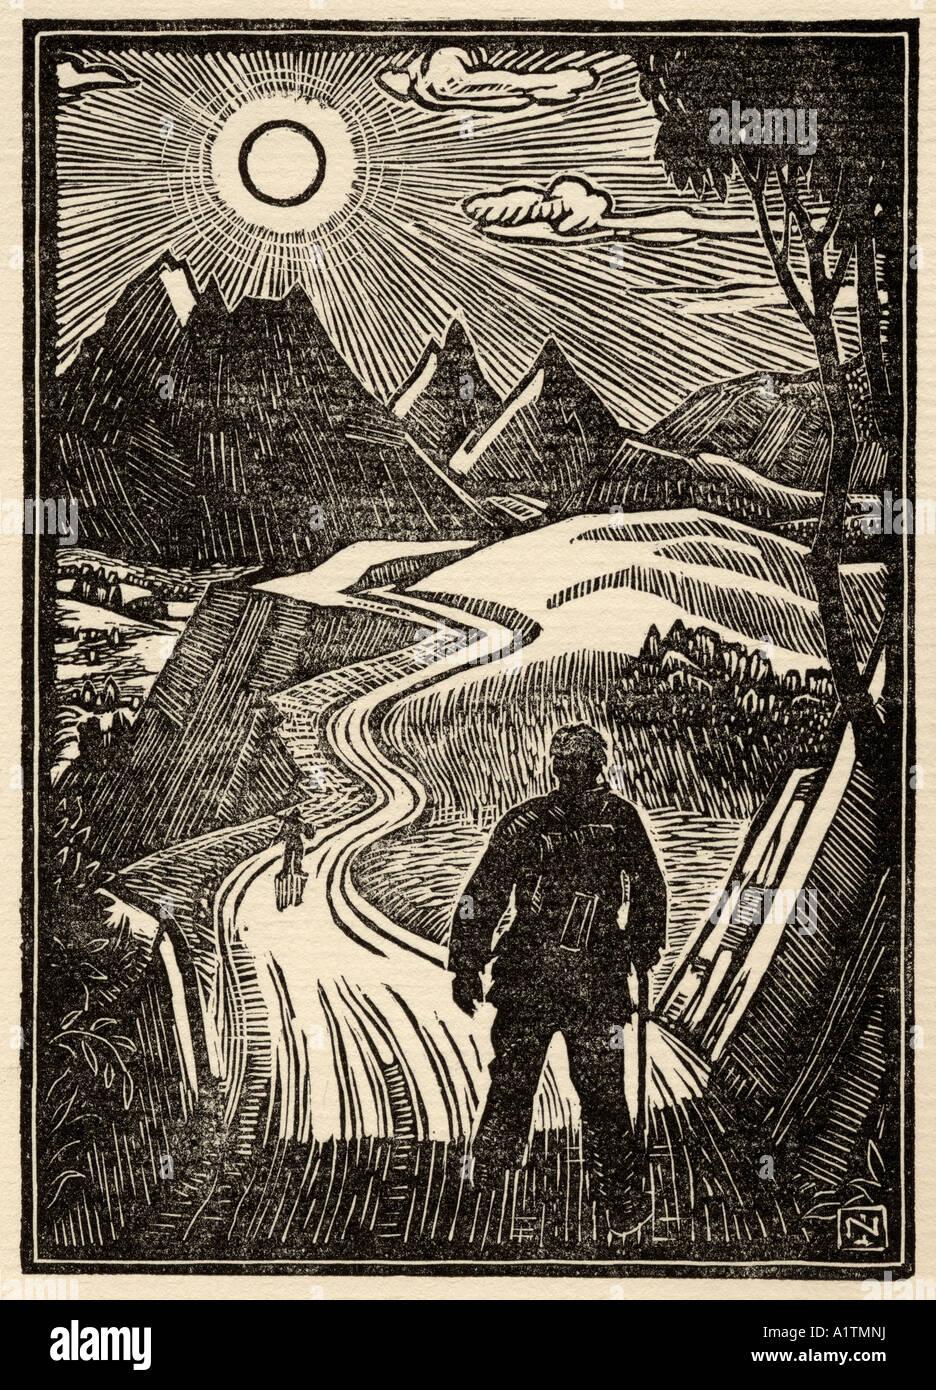 Xilografia frontespizio da Norman James dal libro la delicata arte di Tramping da Stephen Graham pubblicato 1927 Immagini Stock